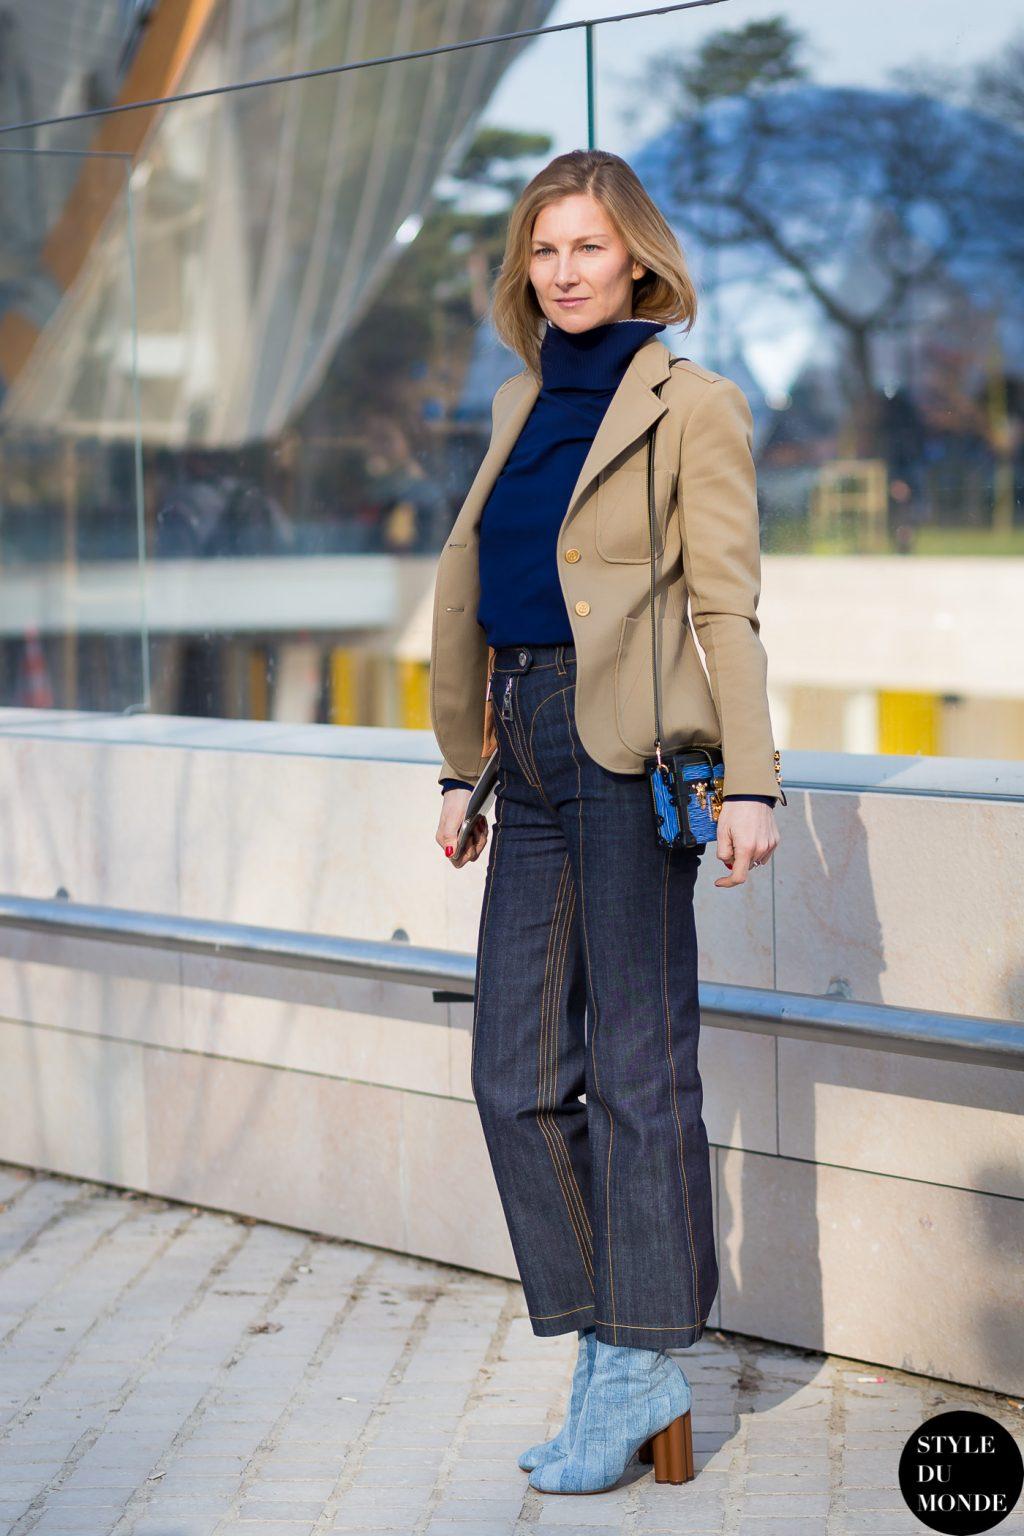 quần jeans và áo cổ lọ